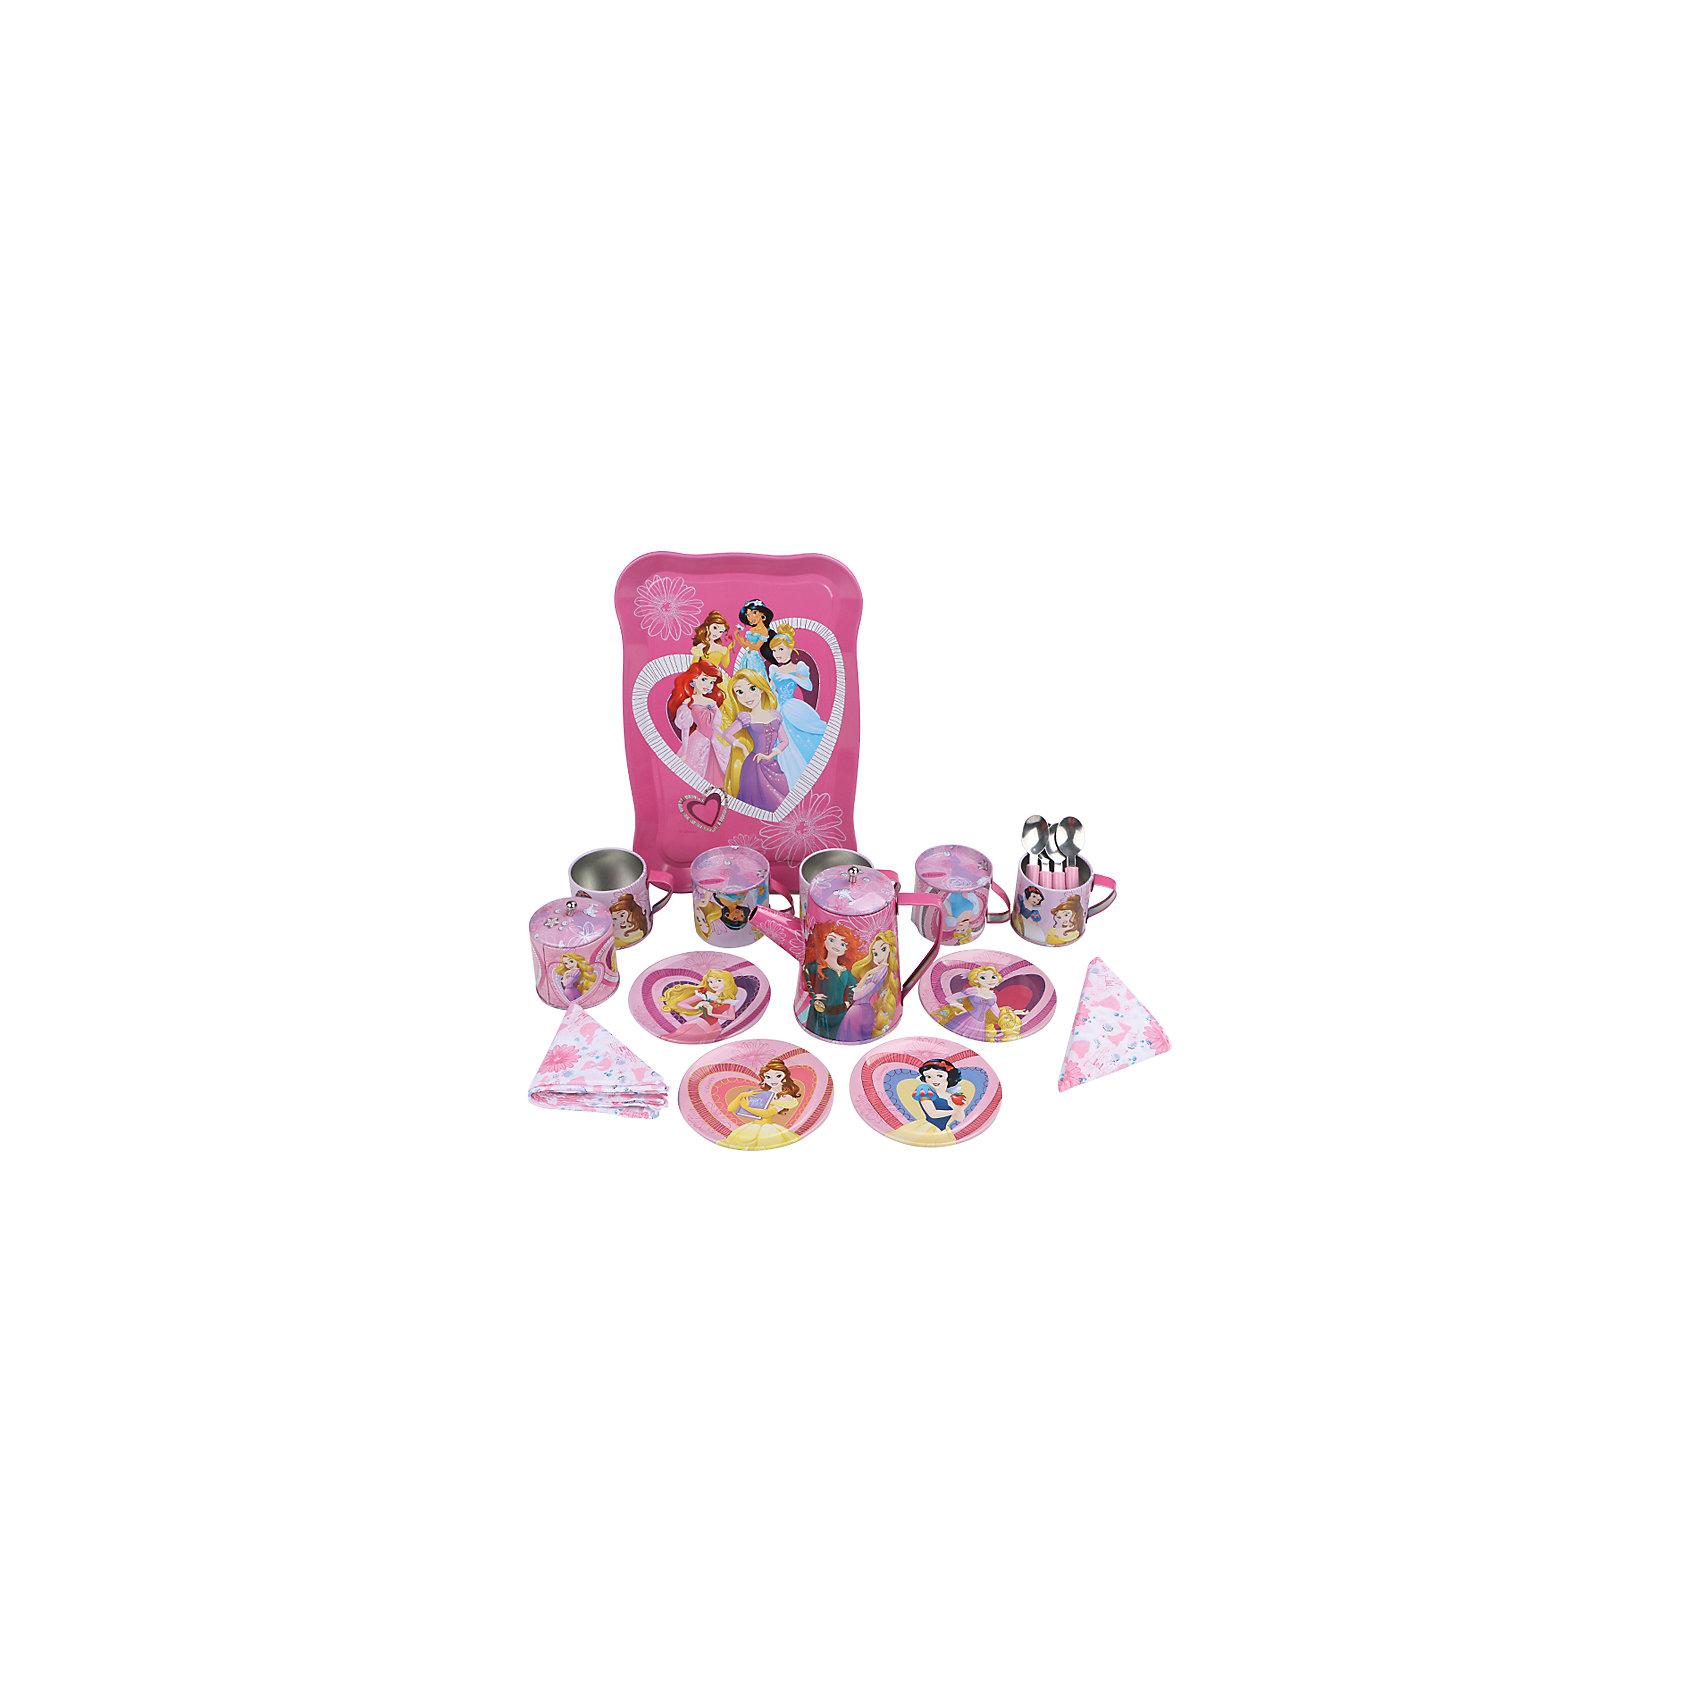 Набор кофейной посуды Утро принцессы (22 предм., металл.), Принцессы ДиснейИгрушки<br>Главной особенностью набора является фирменное и красочное оформление, выполненное совместно с компанией Disney (Дисней). Каждый элемент тщательно проработан и детализирован – от упаковки до самого маленького блюдца.<br>Материал посуды – прочный, лёгкий металл, который не разобьётся во время игры.<br><br>Дополнительная информация:<br><br>Материал: металл<br>В набор кофейной посуды Утро принцессы входит 22 предмета: 4 салфетки, 4 блюдца, 4 ложки, 1 поднос, 4 кружки, 1 молочник, 1 сахарница с крышкой, 1 чайник с крышкой<br><br>Набор кофейной посуды Утро принцессы (22 предм., металл.), Принцессы Дисней можно купить в нашем магазине.<br><br>Ширина мм: 410<br>Глубина мм: 310<br>Высота мм: 90<br>Вес г: 770<br>Возраст от месяцев: 36<br>Возраст до месяцев: 72<br>Пол: Женский<br>Возраст: Детский<br>SKU: 4590223